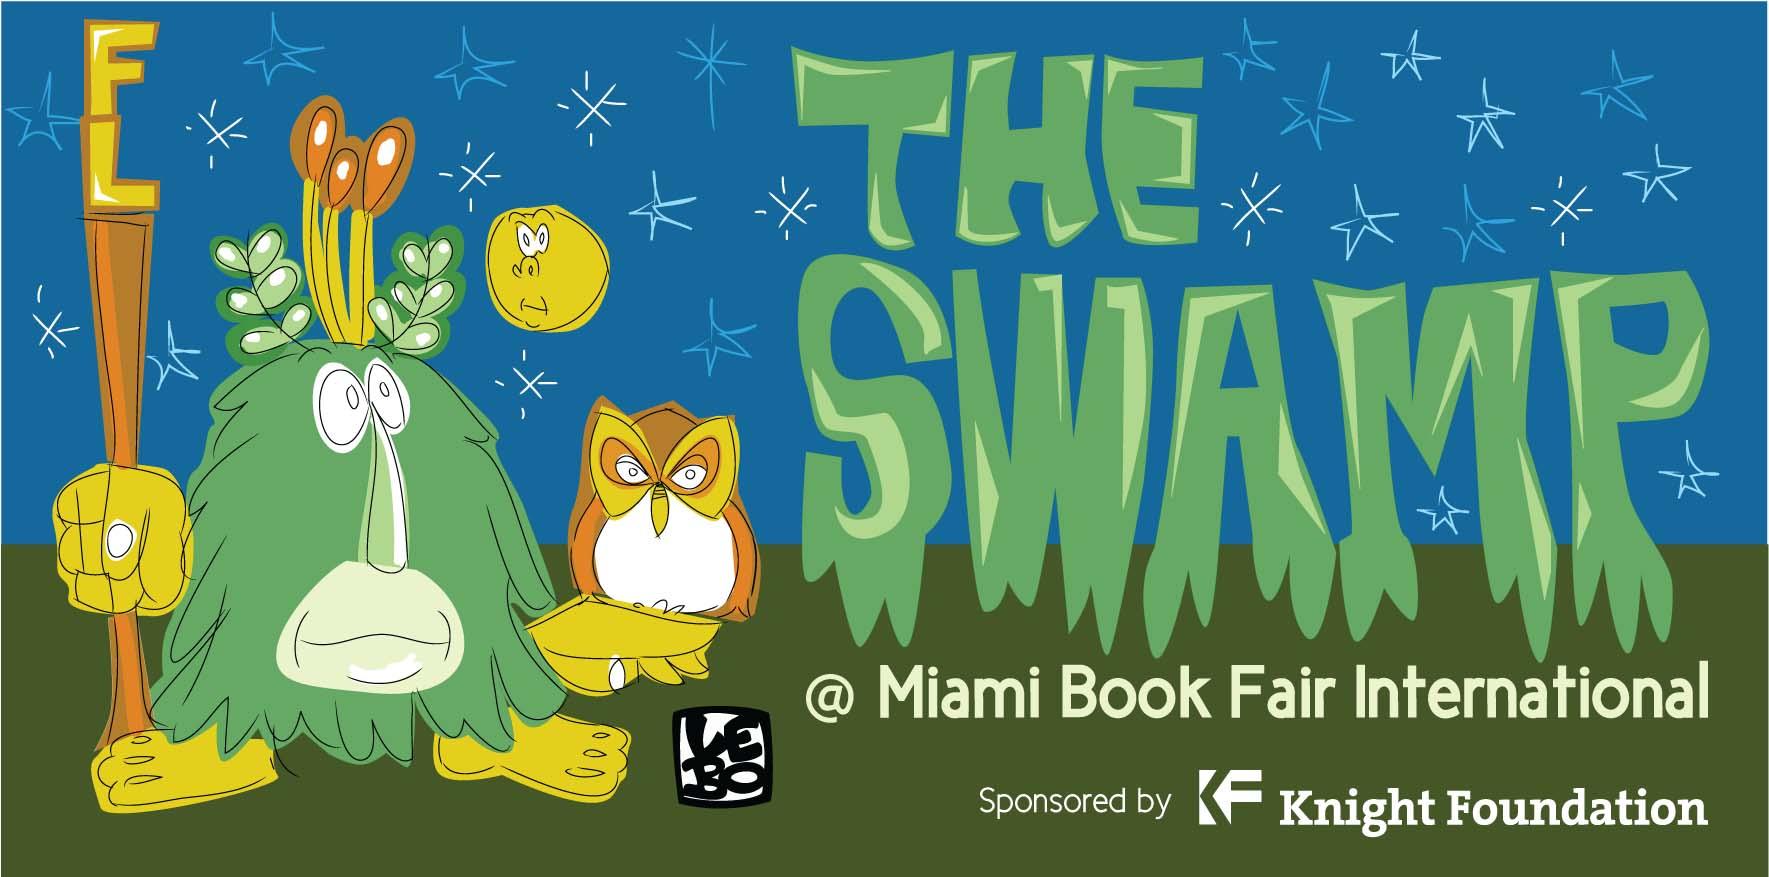 swamp-lebo-final-art-sm-2.jpg